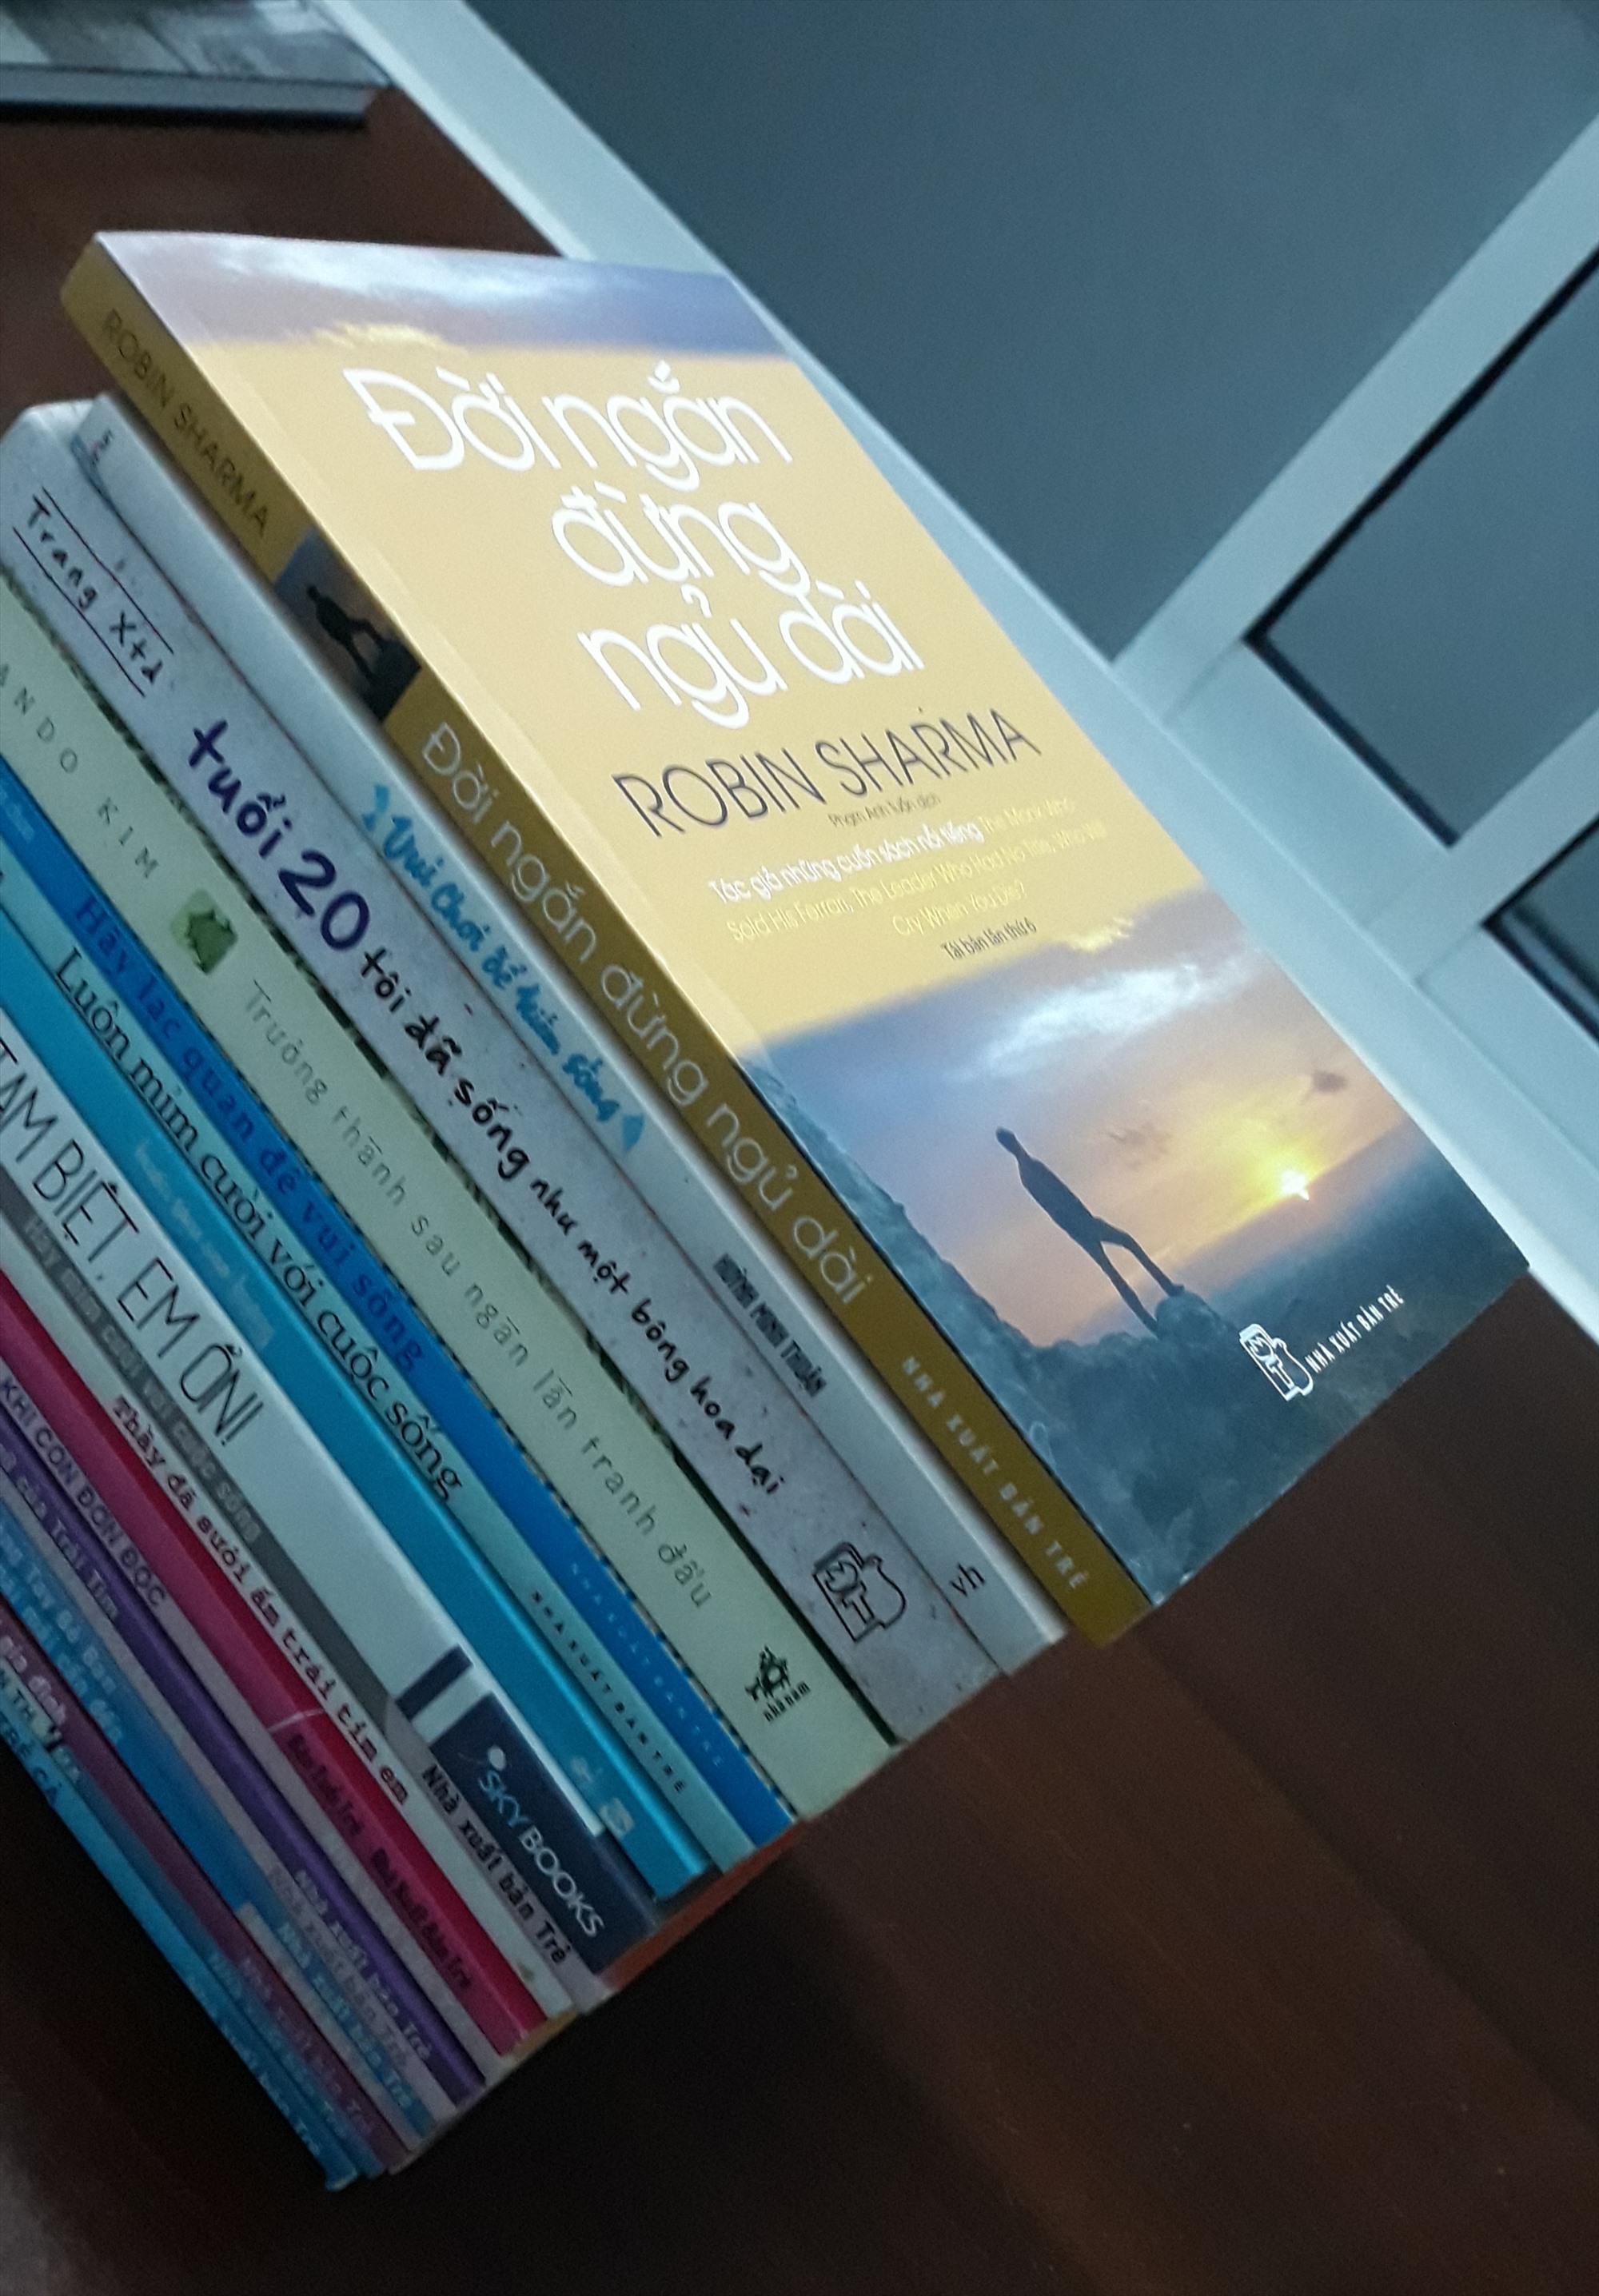 Sách self-help thu hút sự chọn lựa của người trẻ. Ảnh: C.N